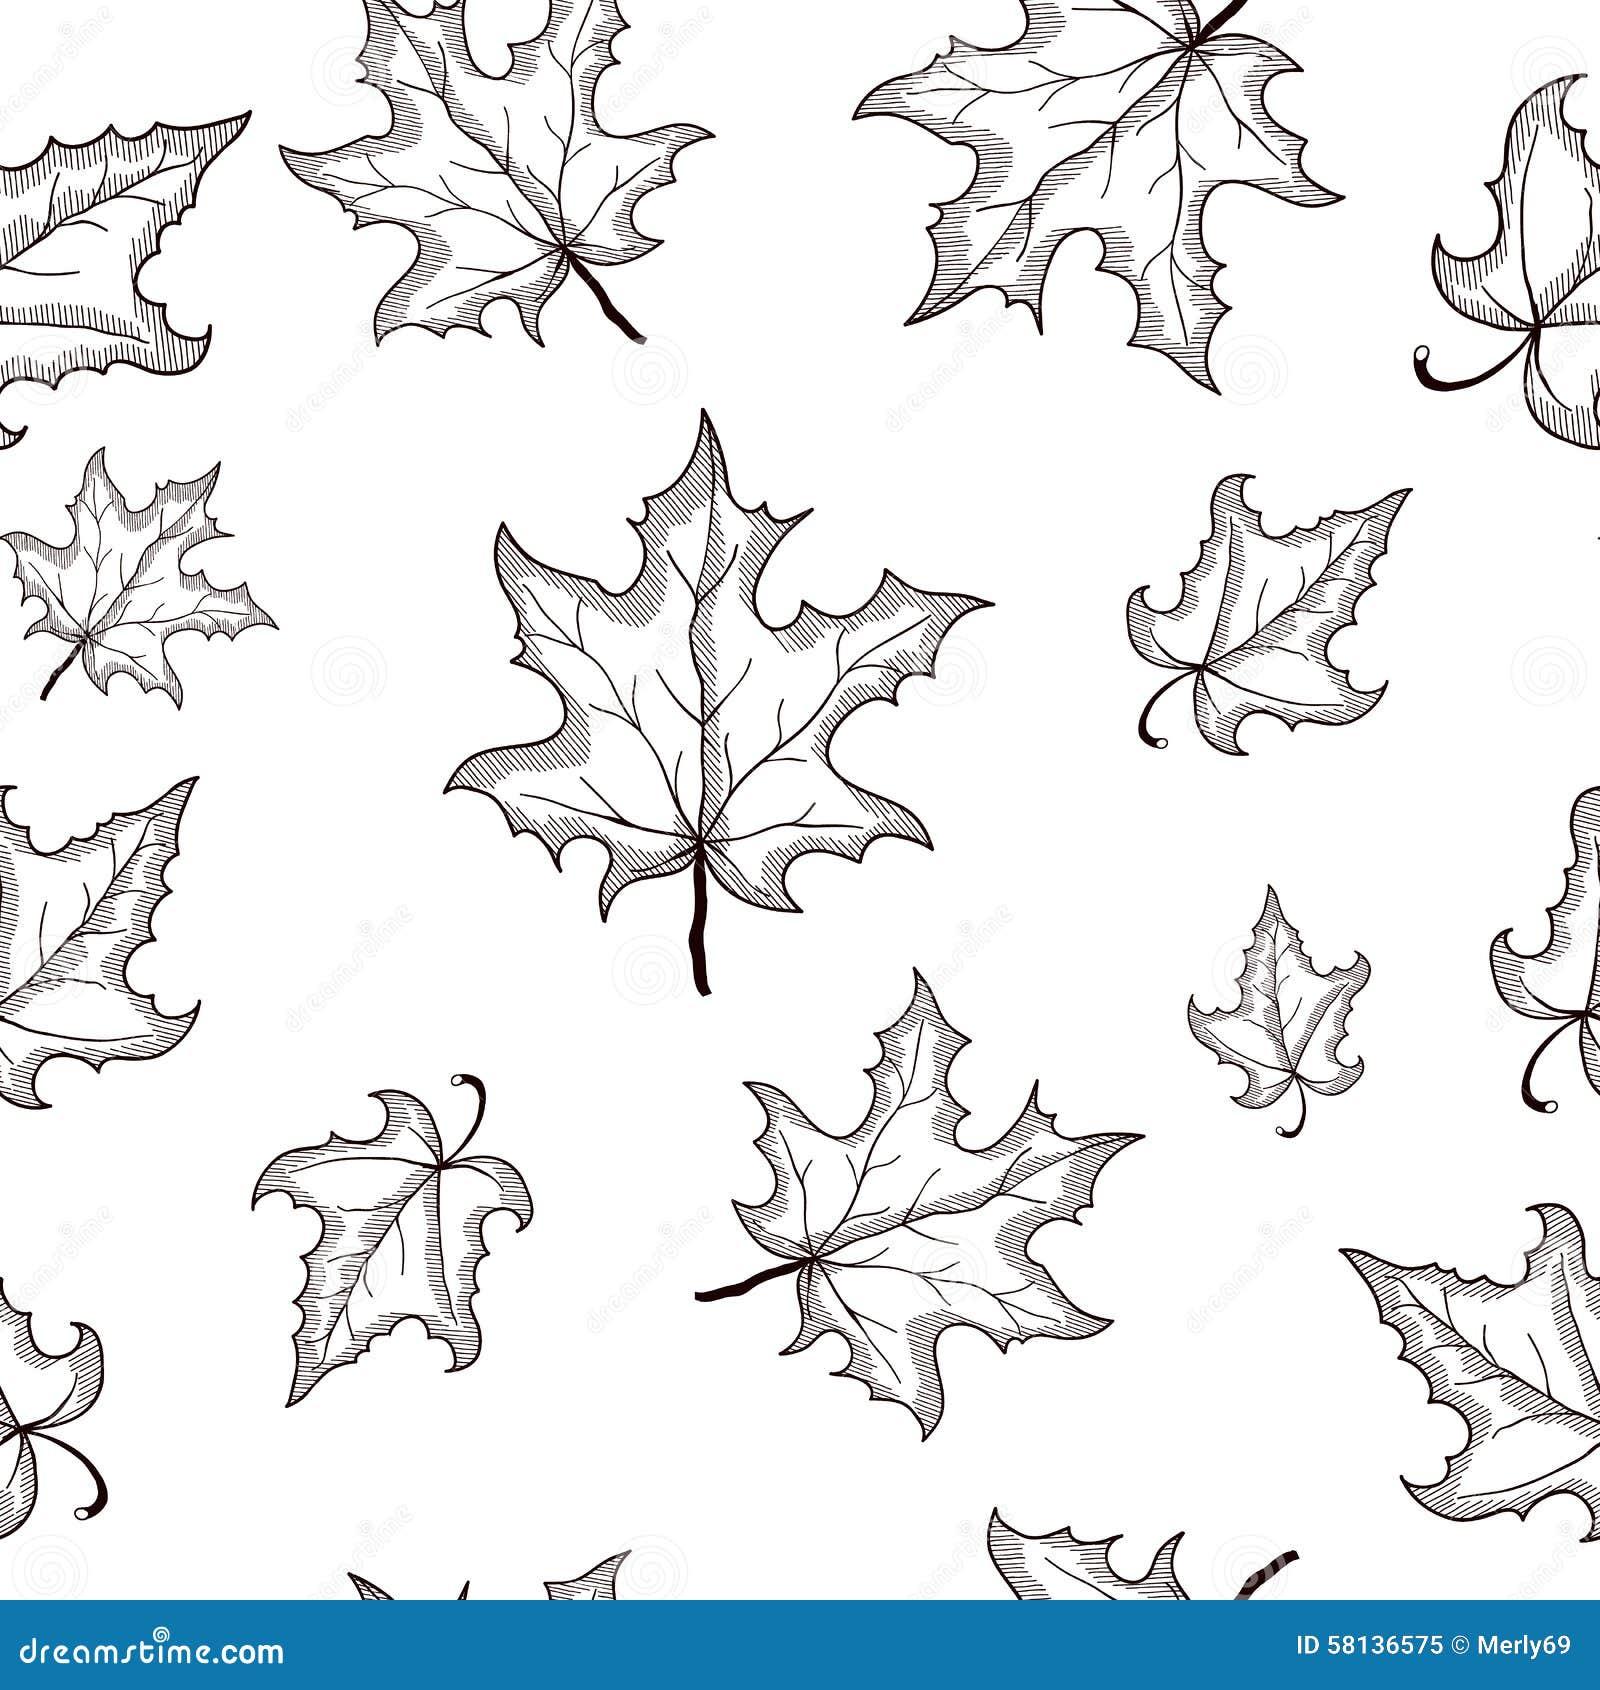 leaf black and white - photo #30